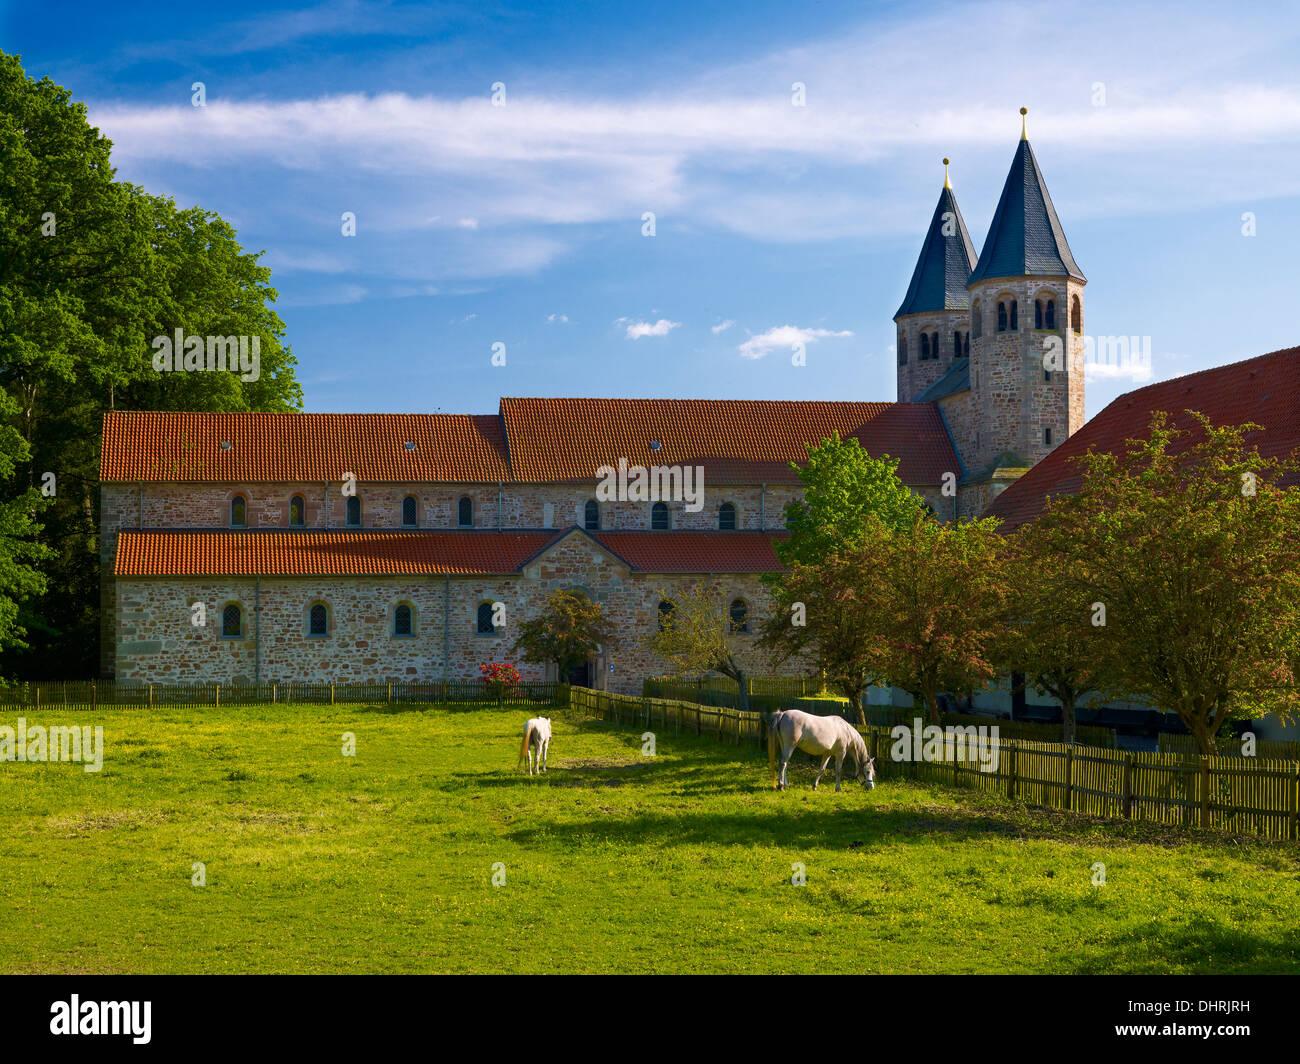 Monastère bénédictin, Bursfelde, Hann.Münden, Allemagne Photo Stock